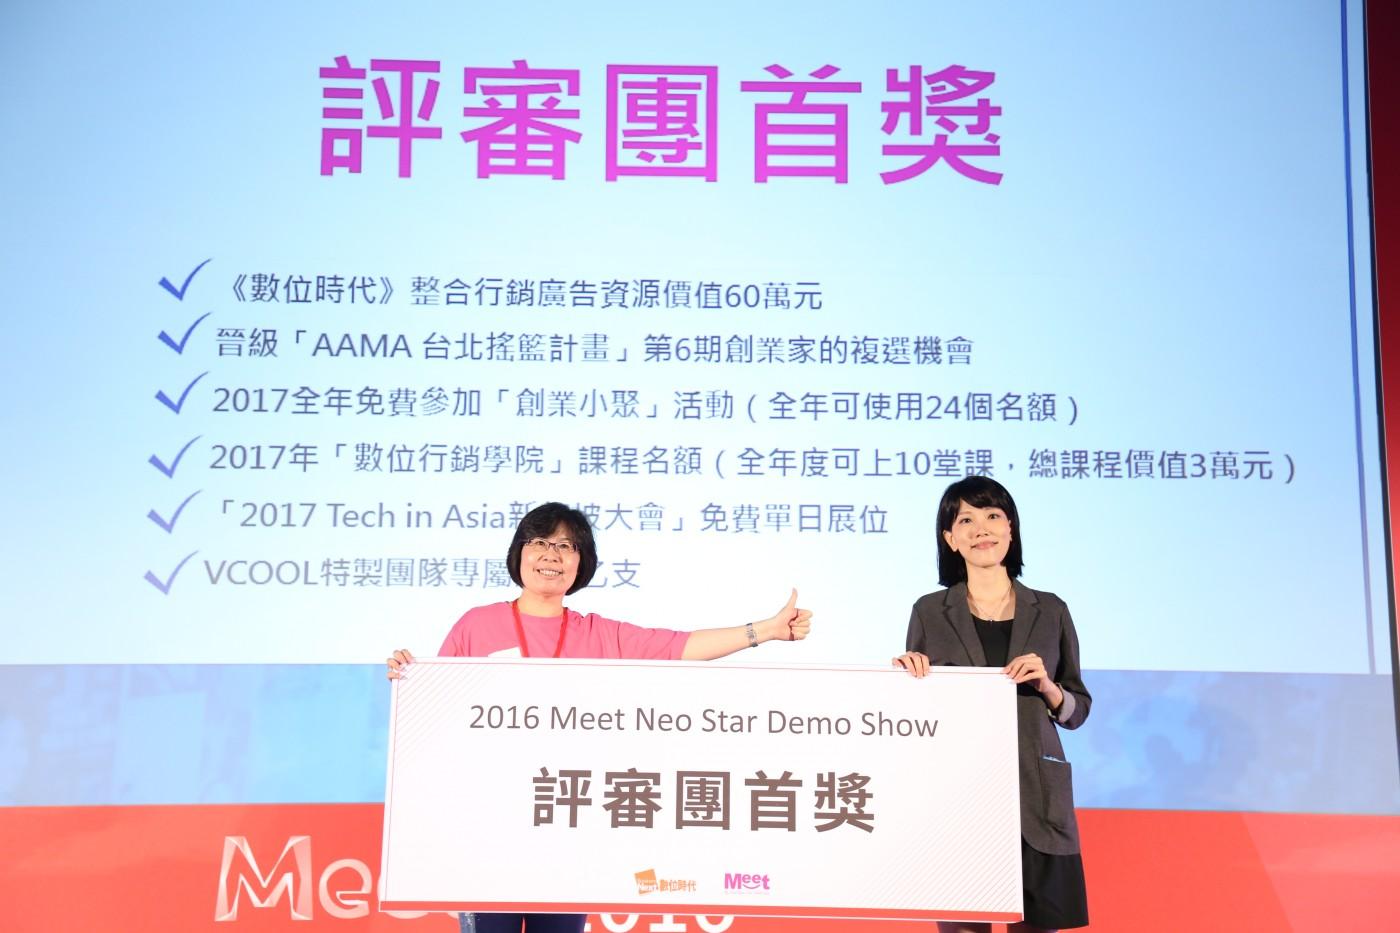 2017 Meet Neo Star 名單公佈  30組創業之星決戰Demo Show舞台!